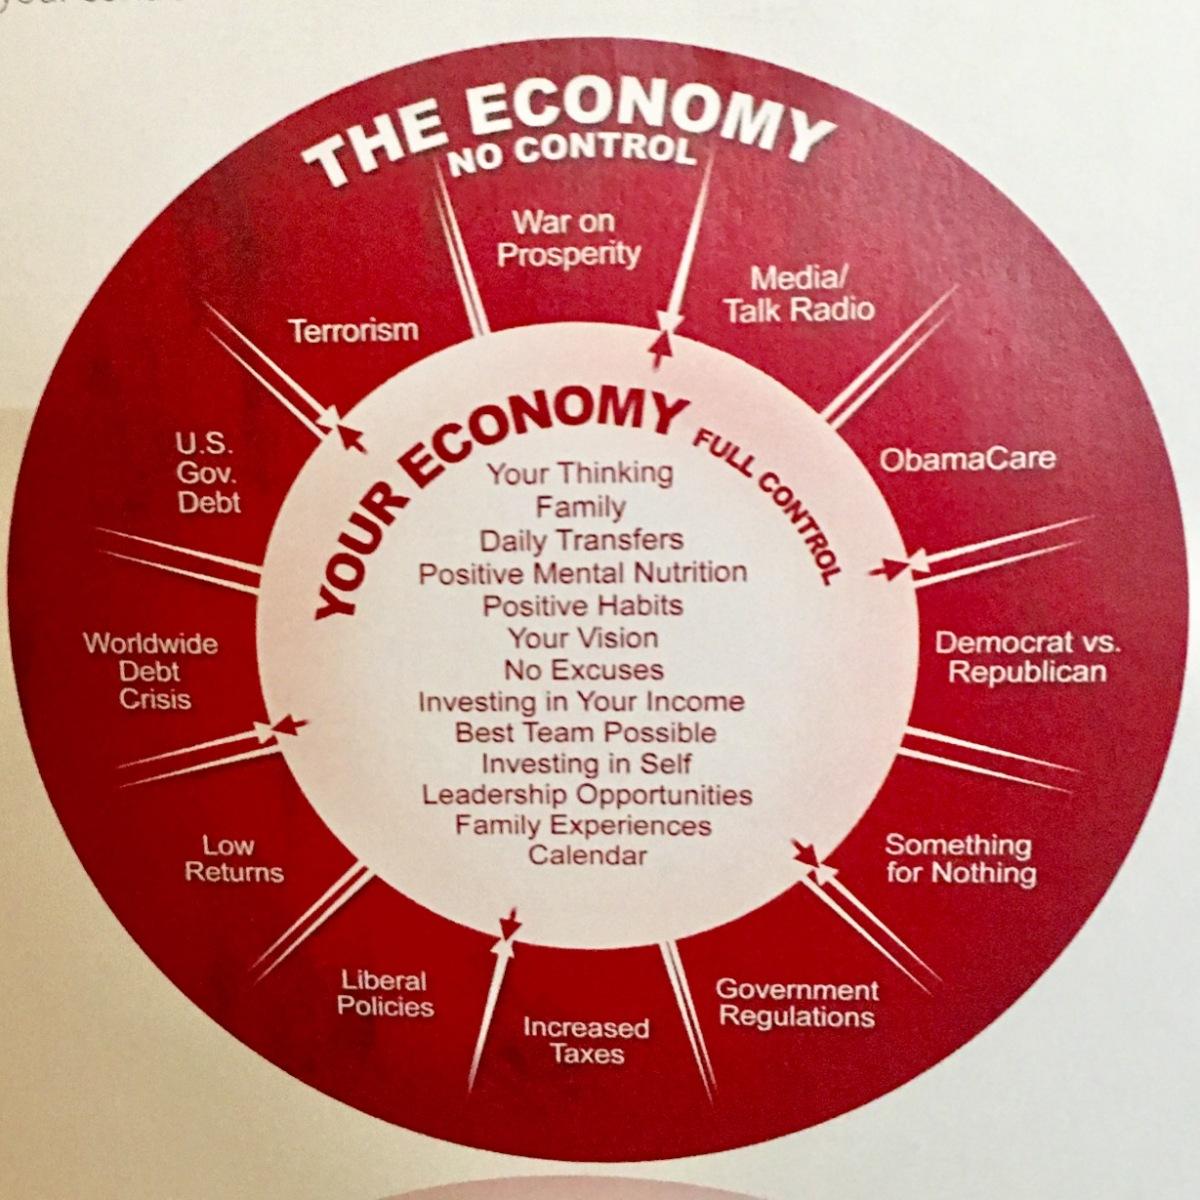 The economy your economy